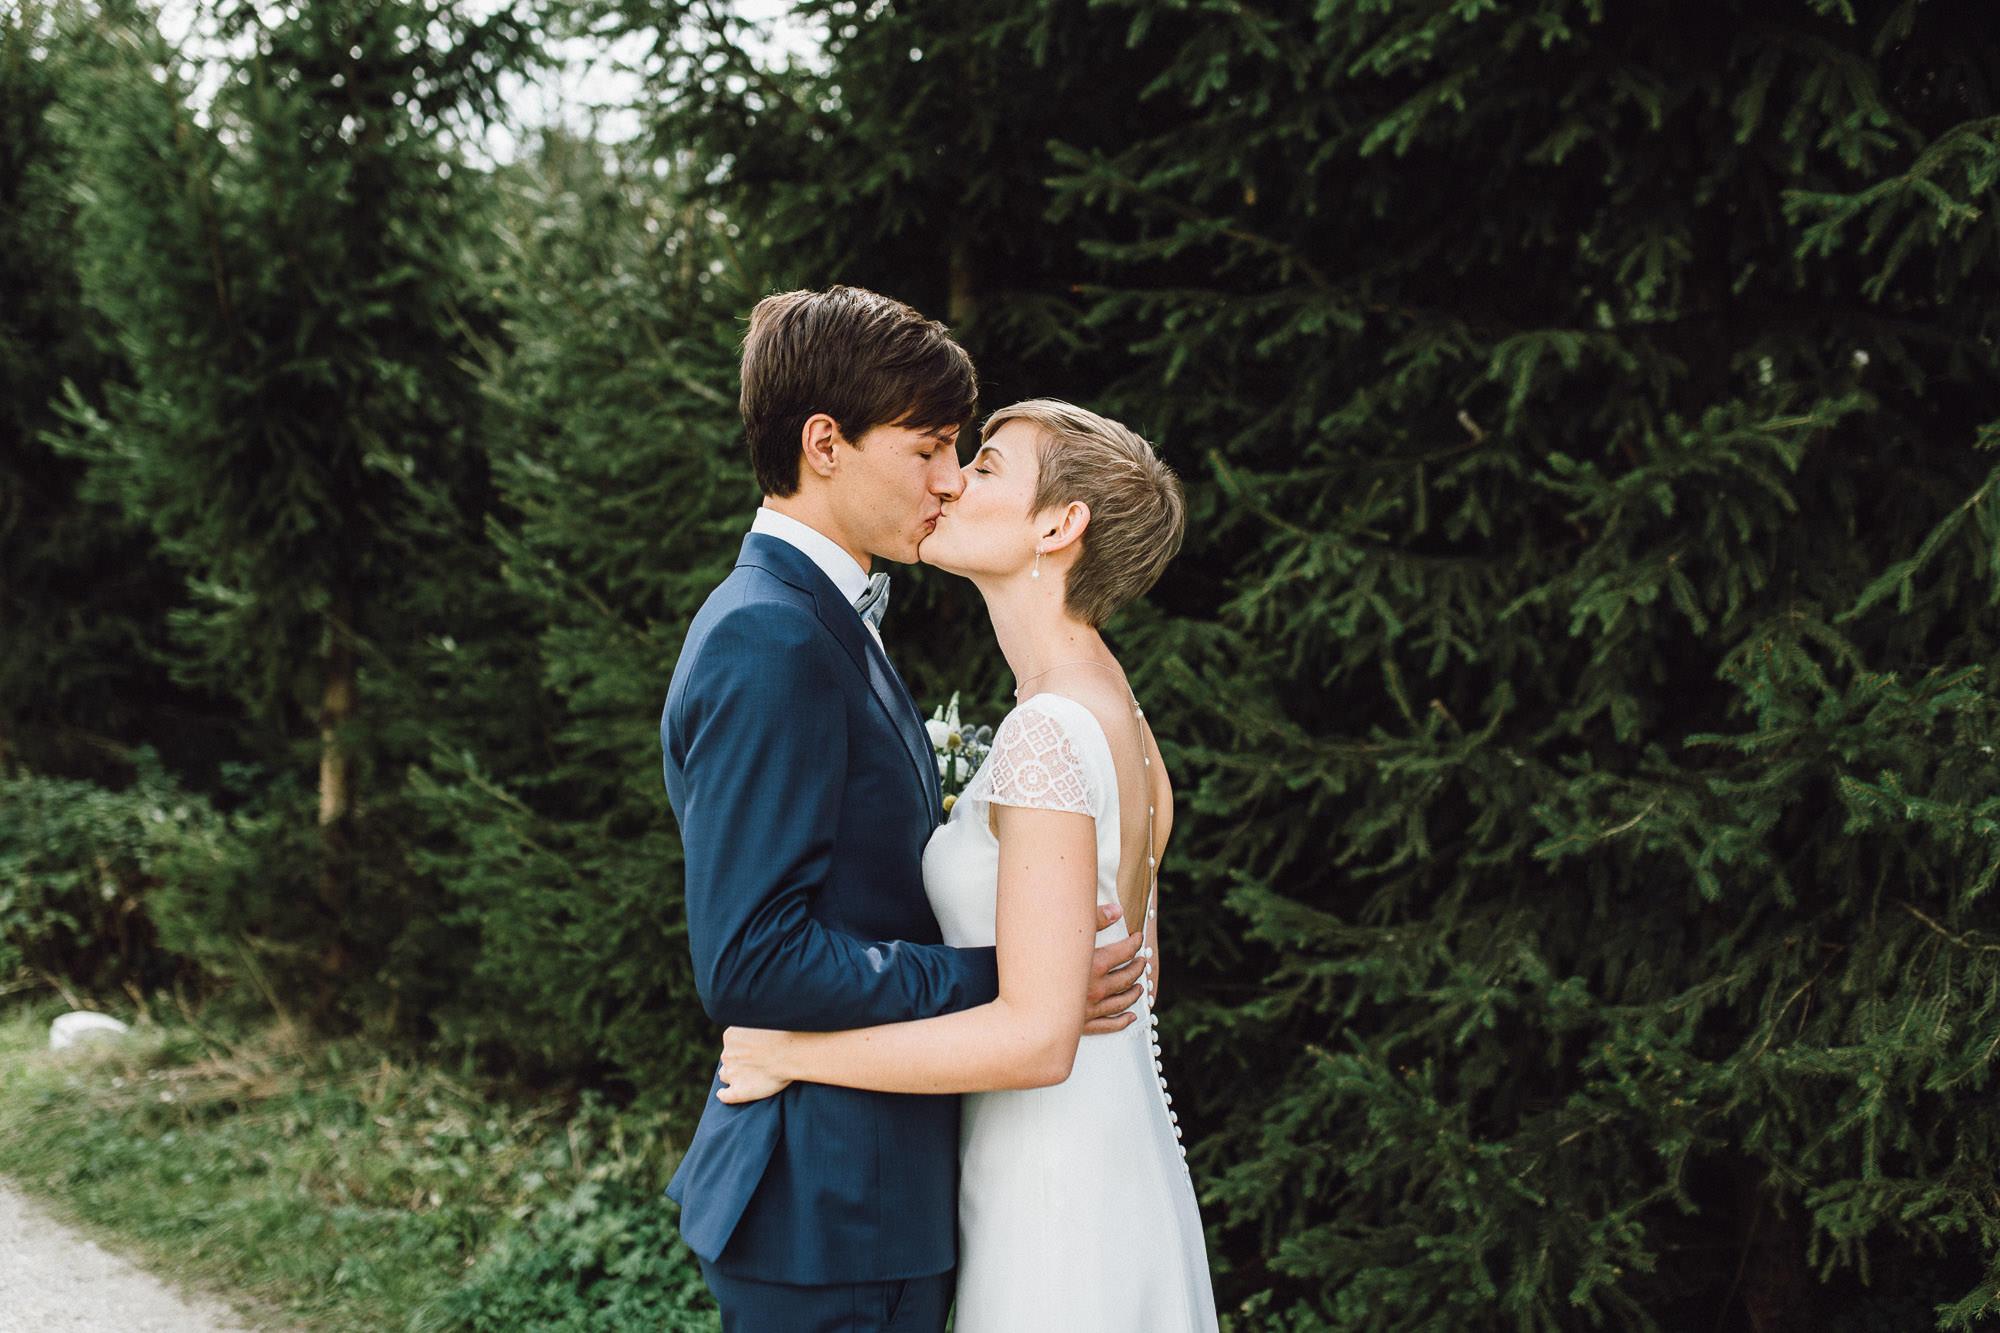 greenery-wedding-hochzeit-prielhof-sukkulenten-scheyern-lauraelenaphotography-024